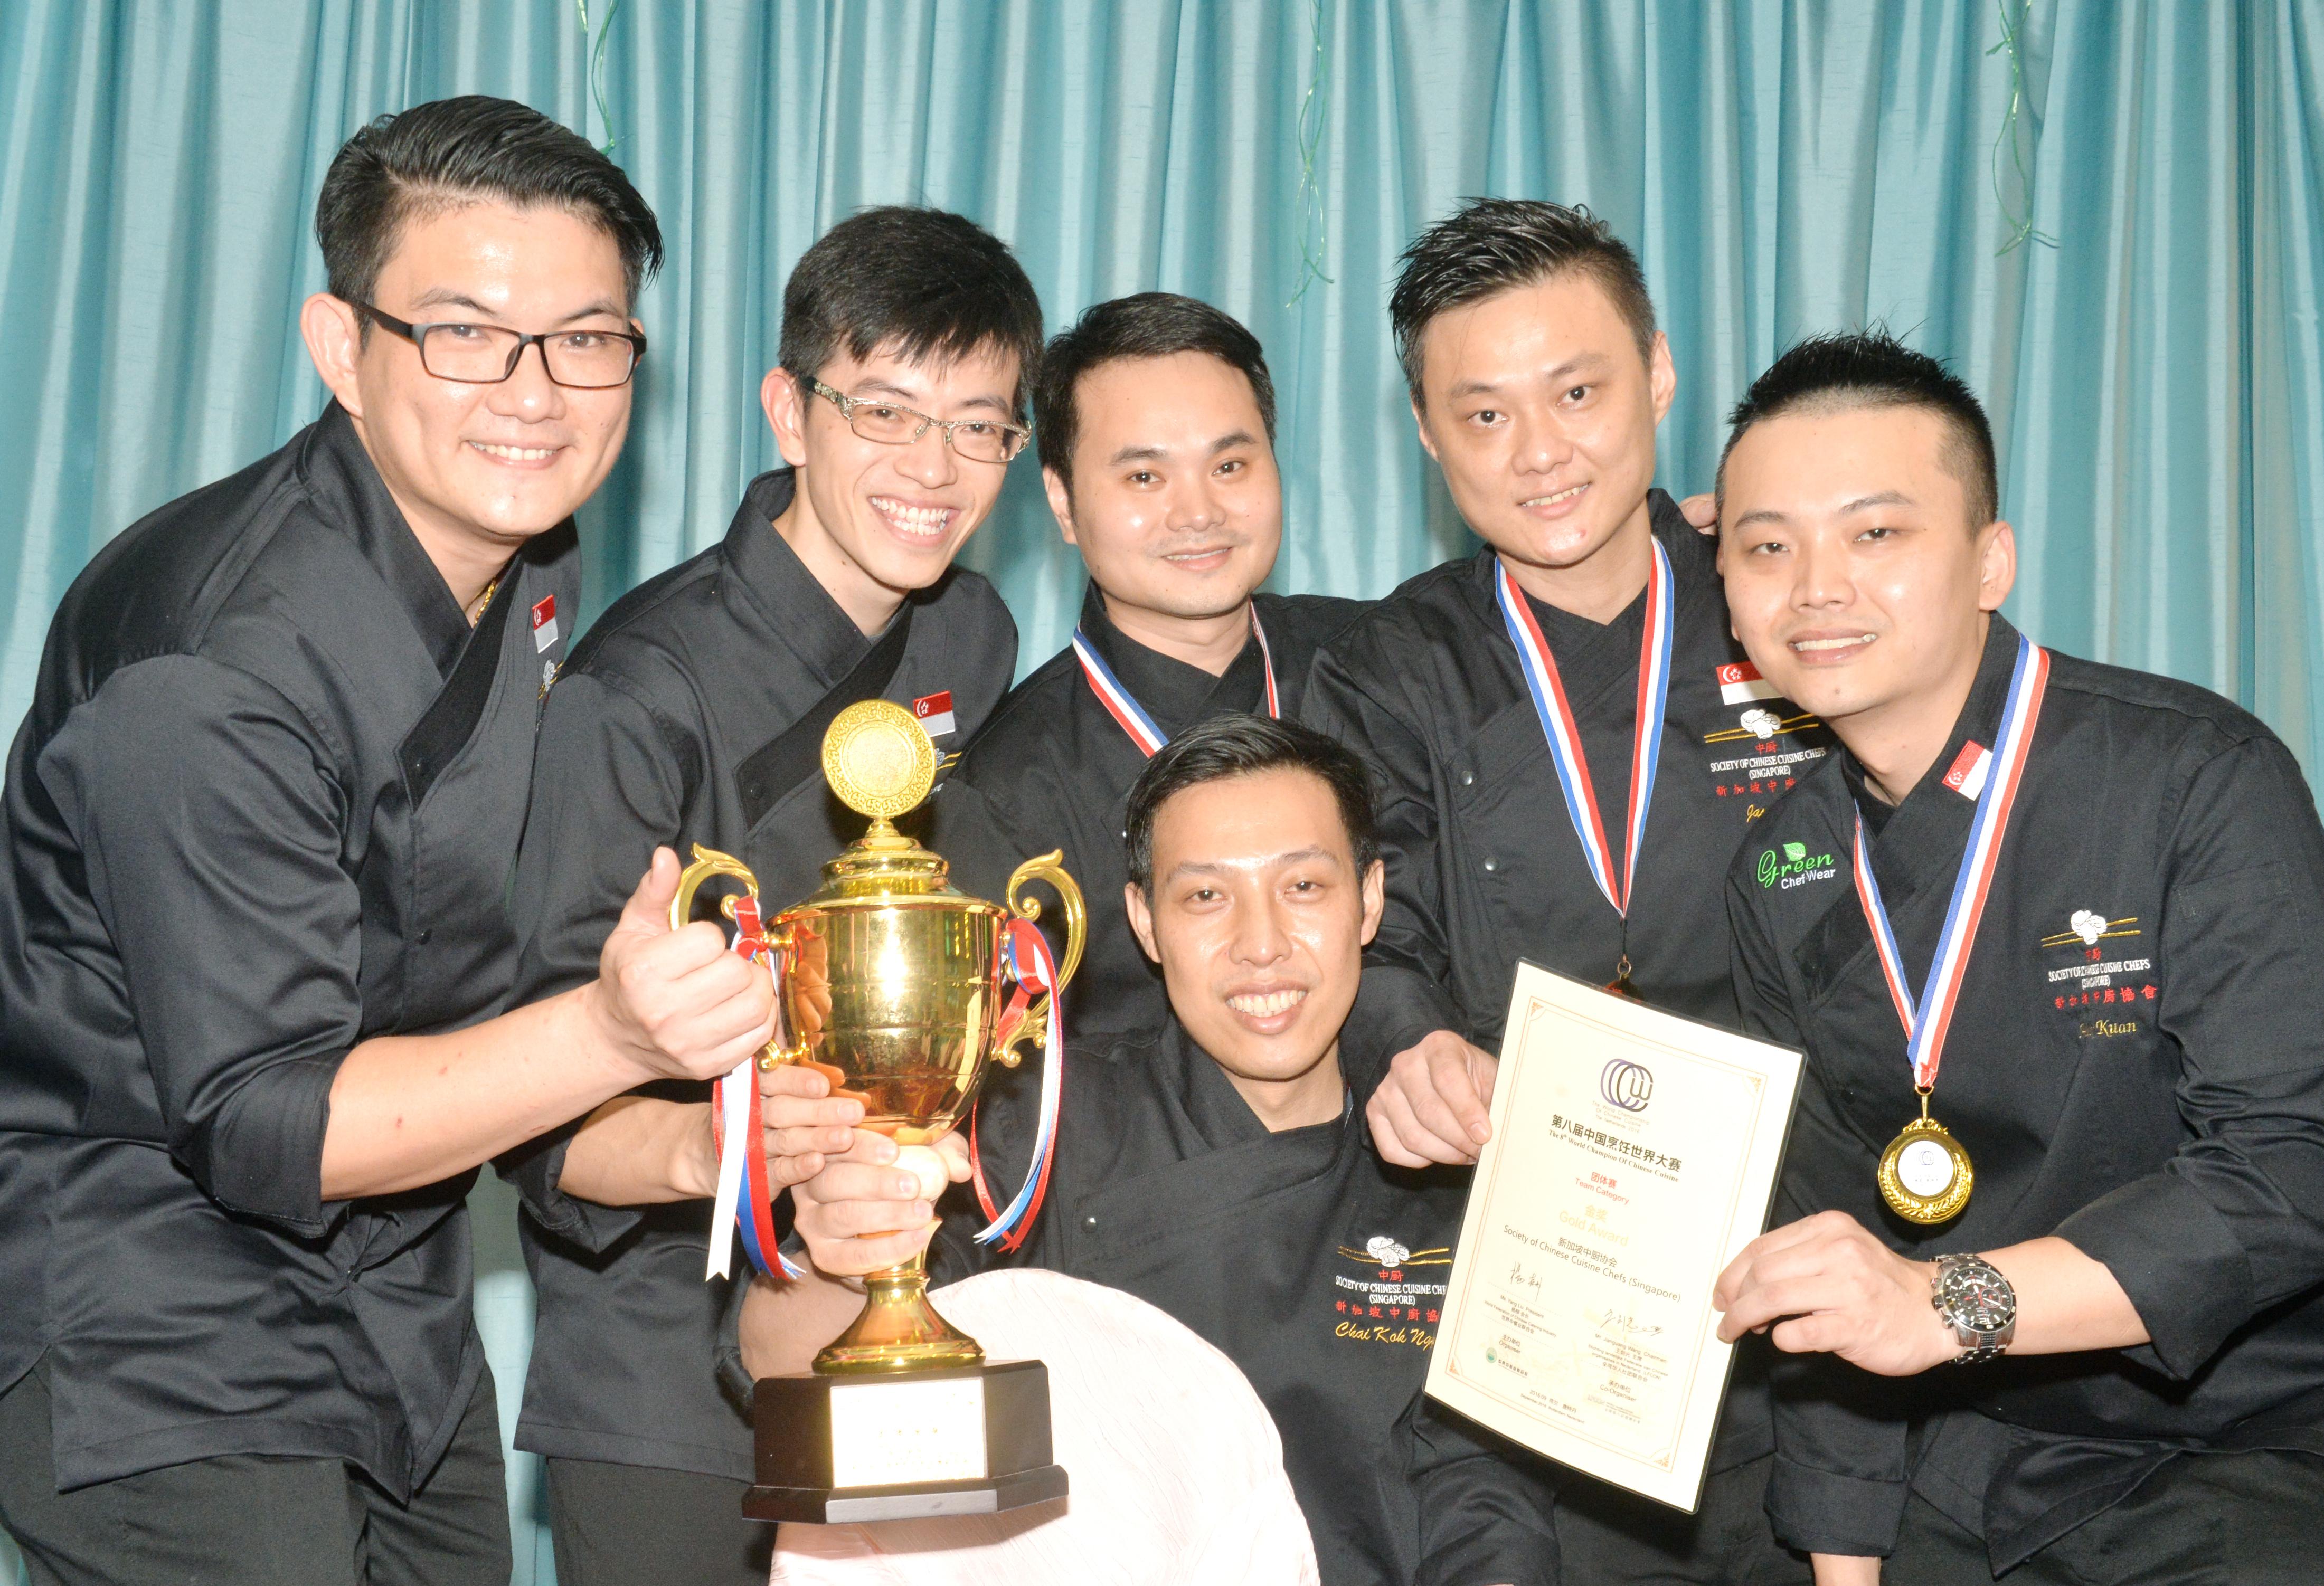 本报主办及新加坡中厨协会协办,在千禧集团旗下的金禧楼举行,获得家乐牌(Knorr)赞助,皇帽啤酒新加坡报效啤酒助兴。活动吸引160人参与盛宴,名额全满。